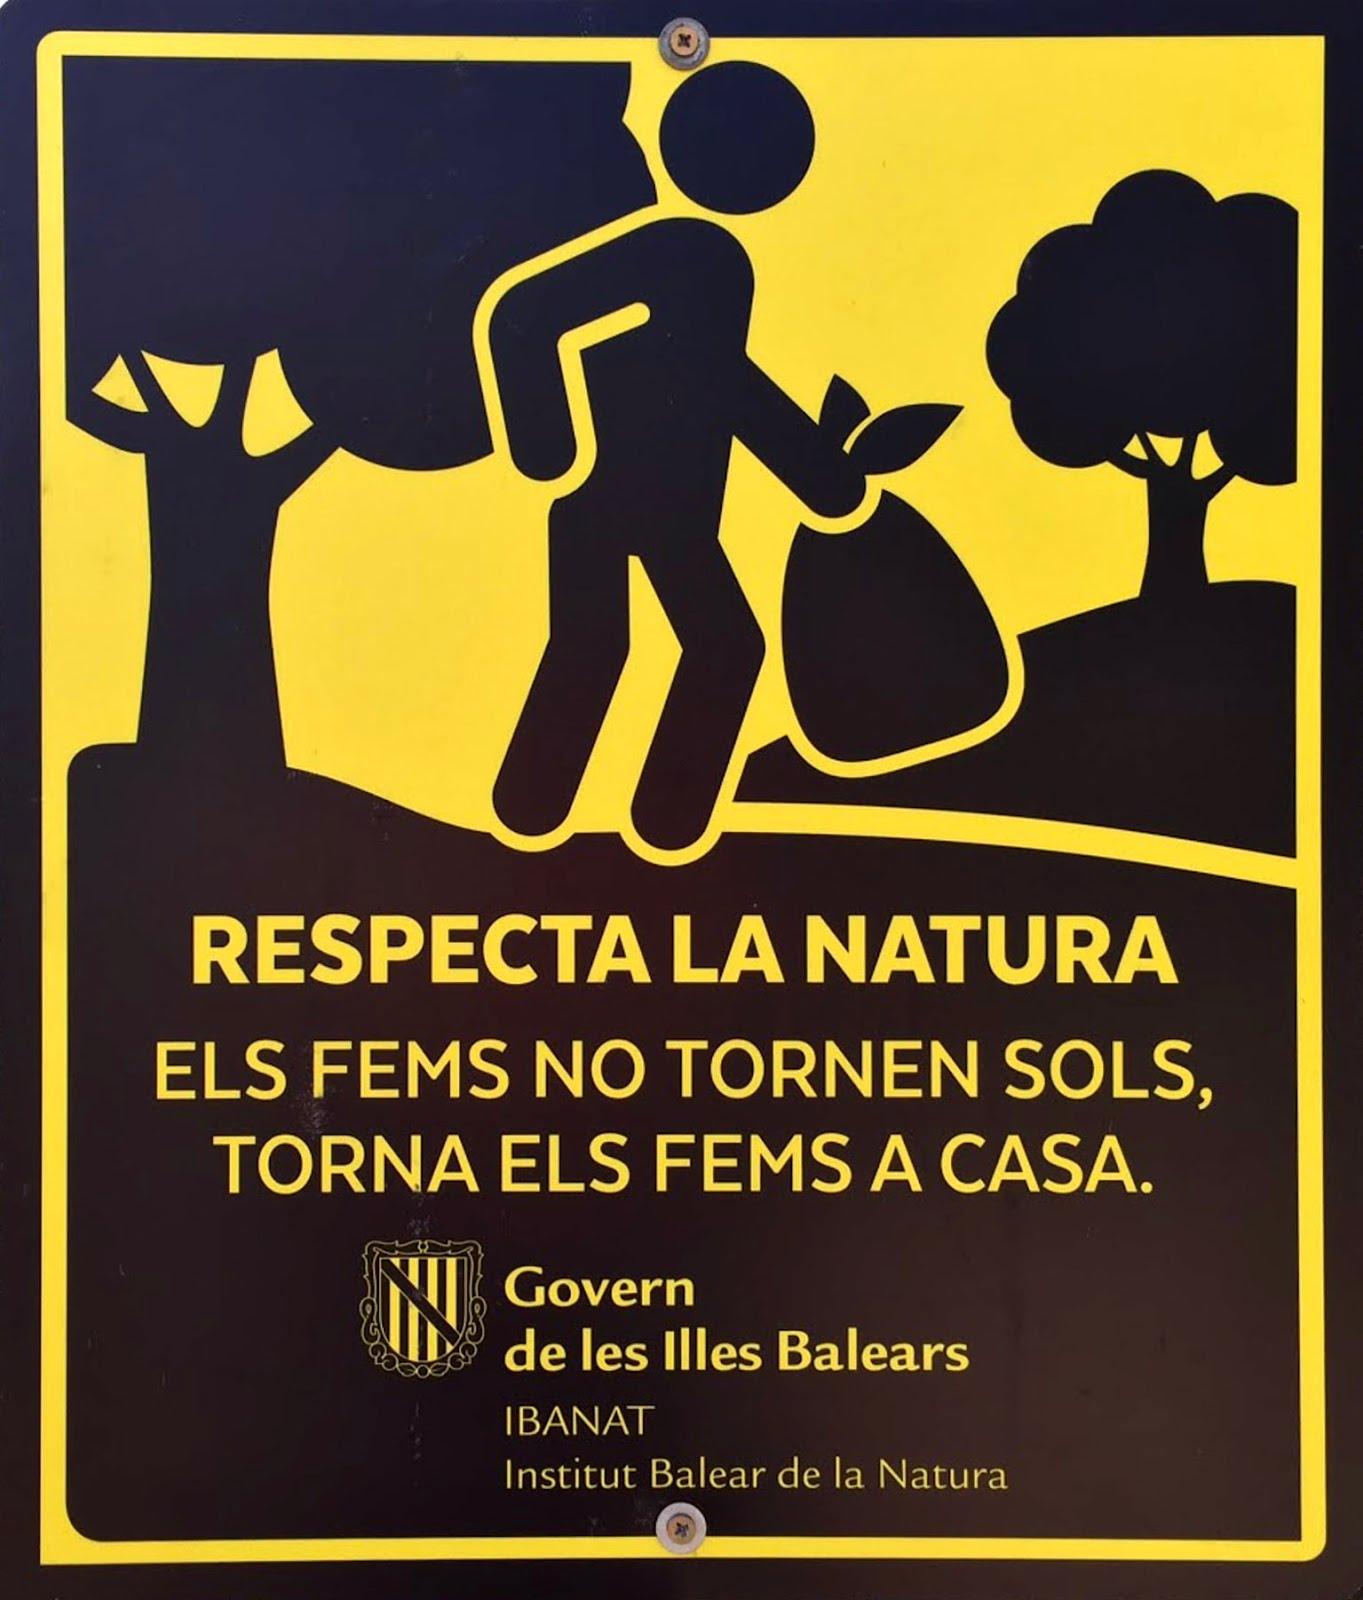 Respecta la Natura